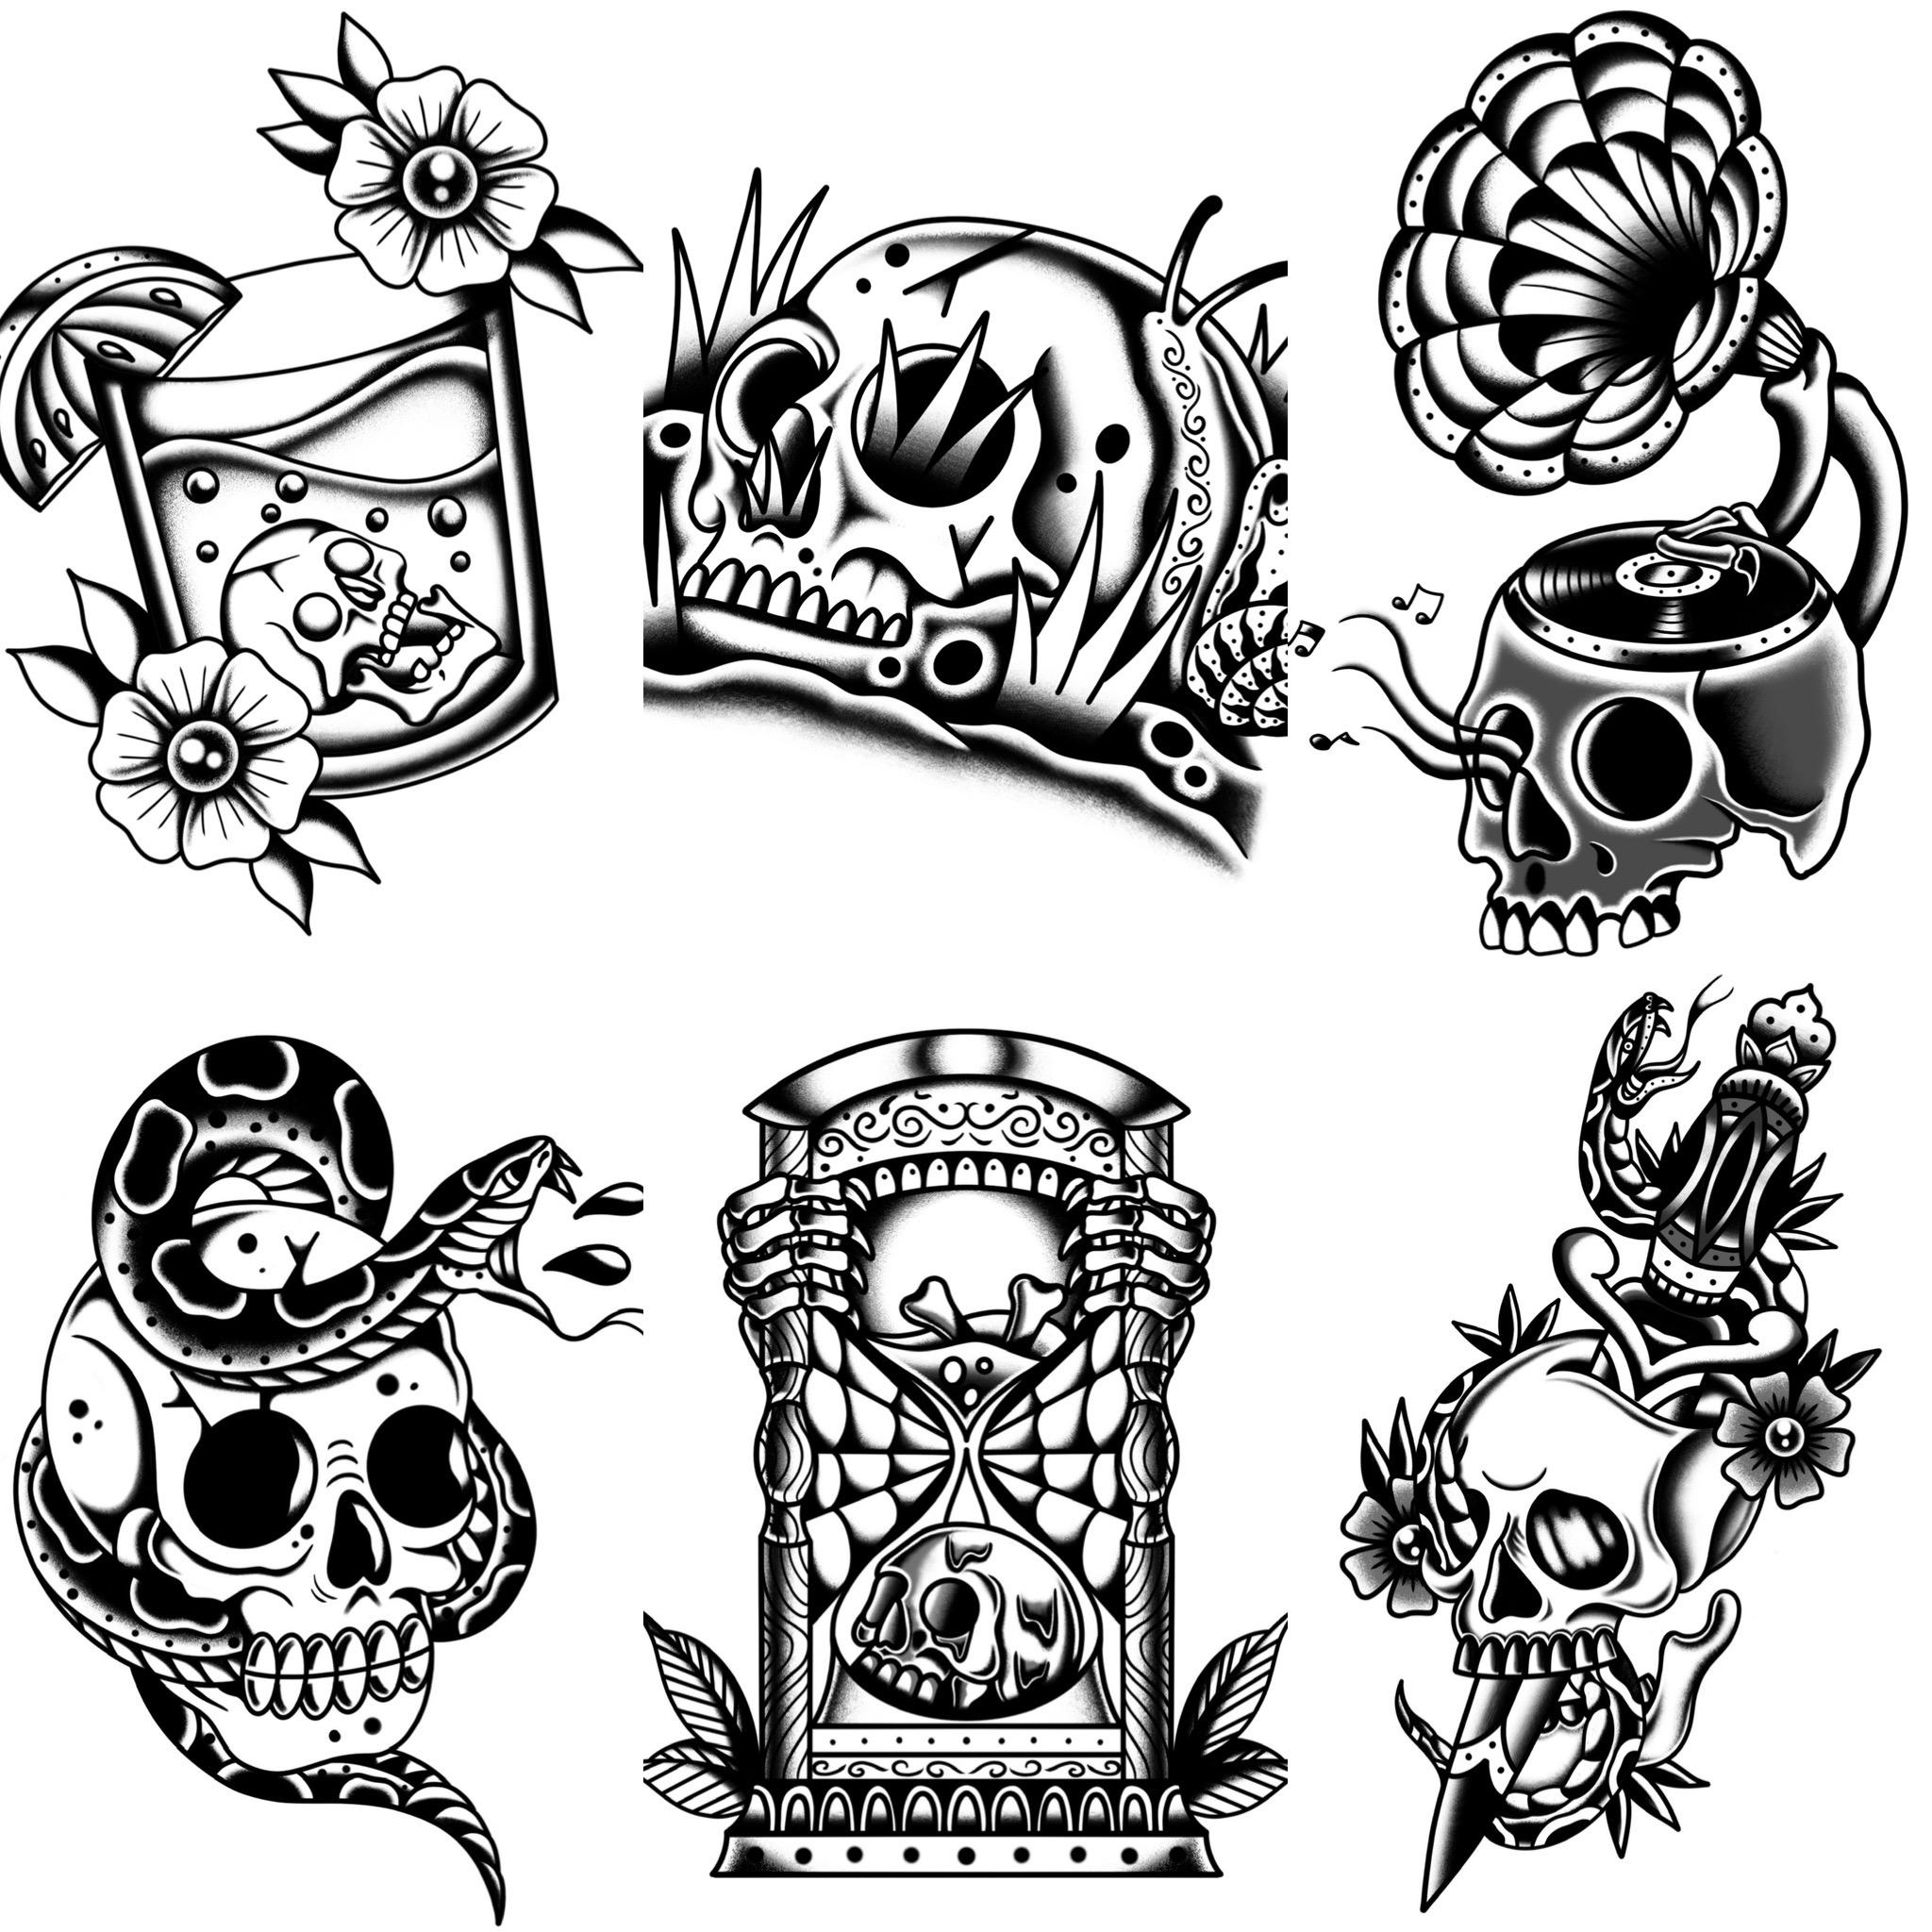 ブラックトラディショナル トラディショナル定番のスカルデザイン タトゥーデザイン トラディショナル 《東京タトゥースタジオ》